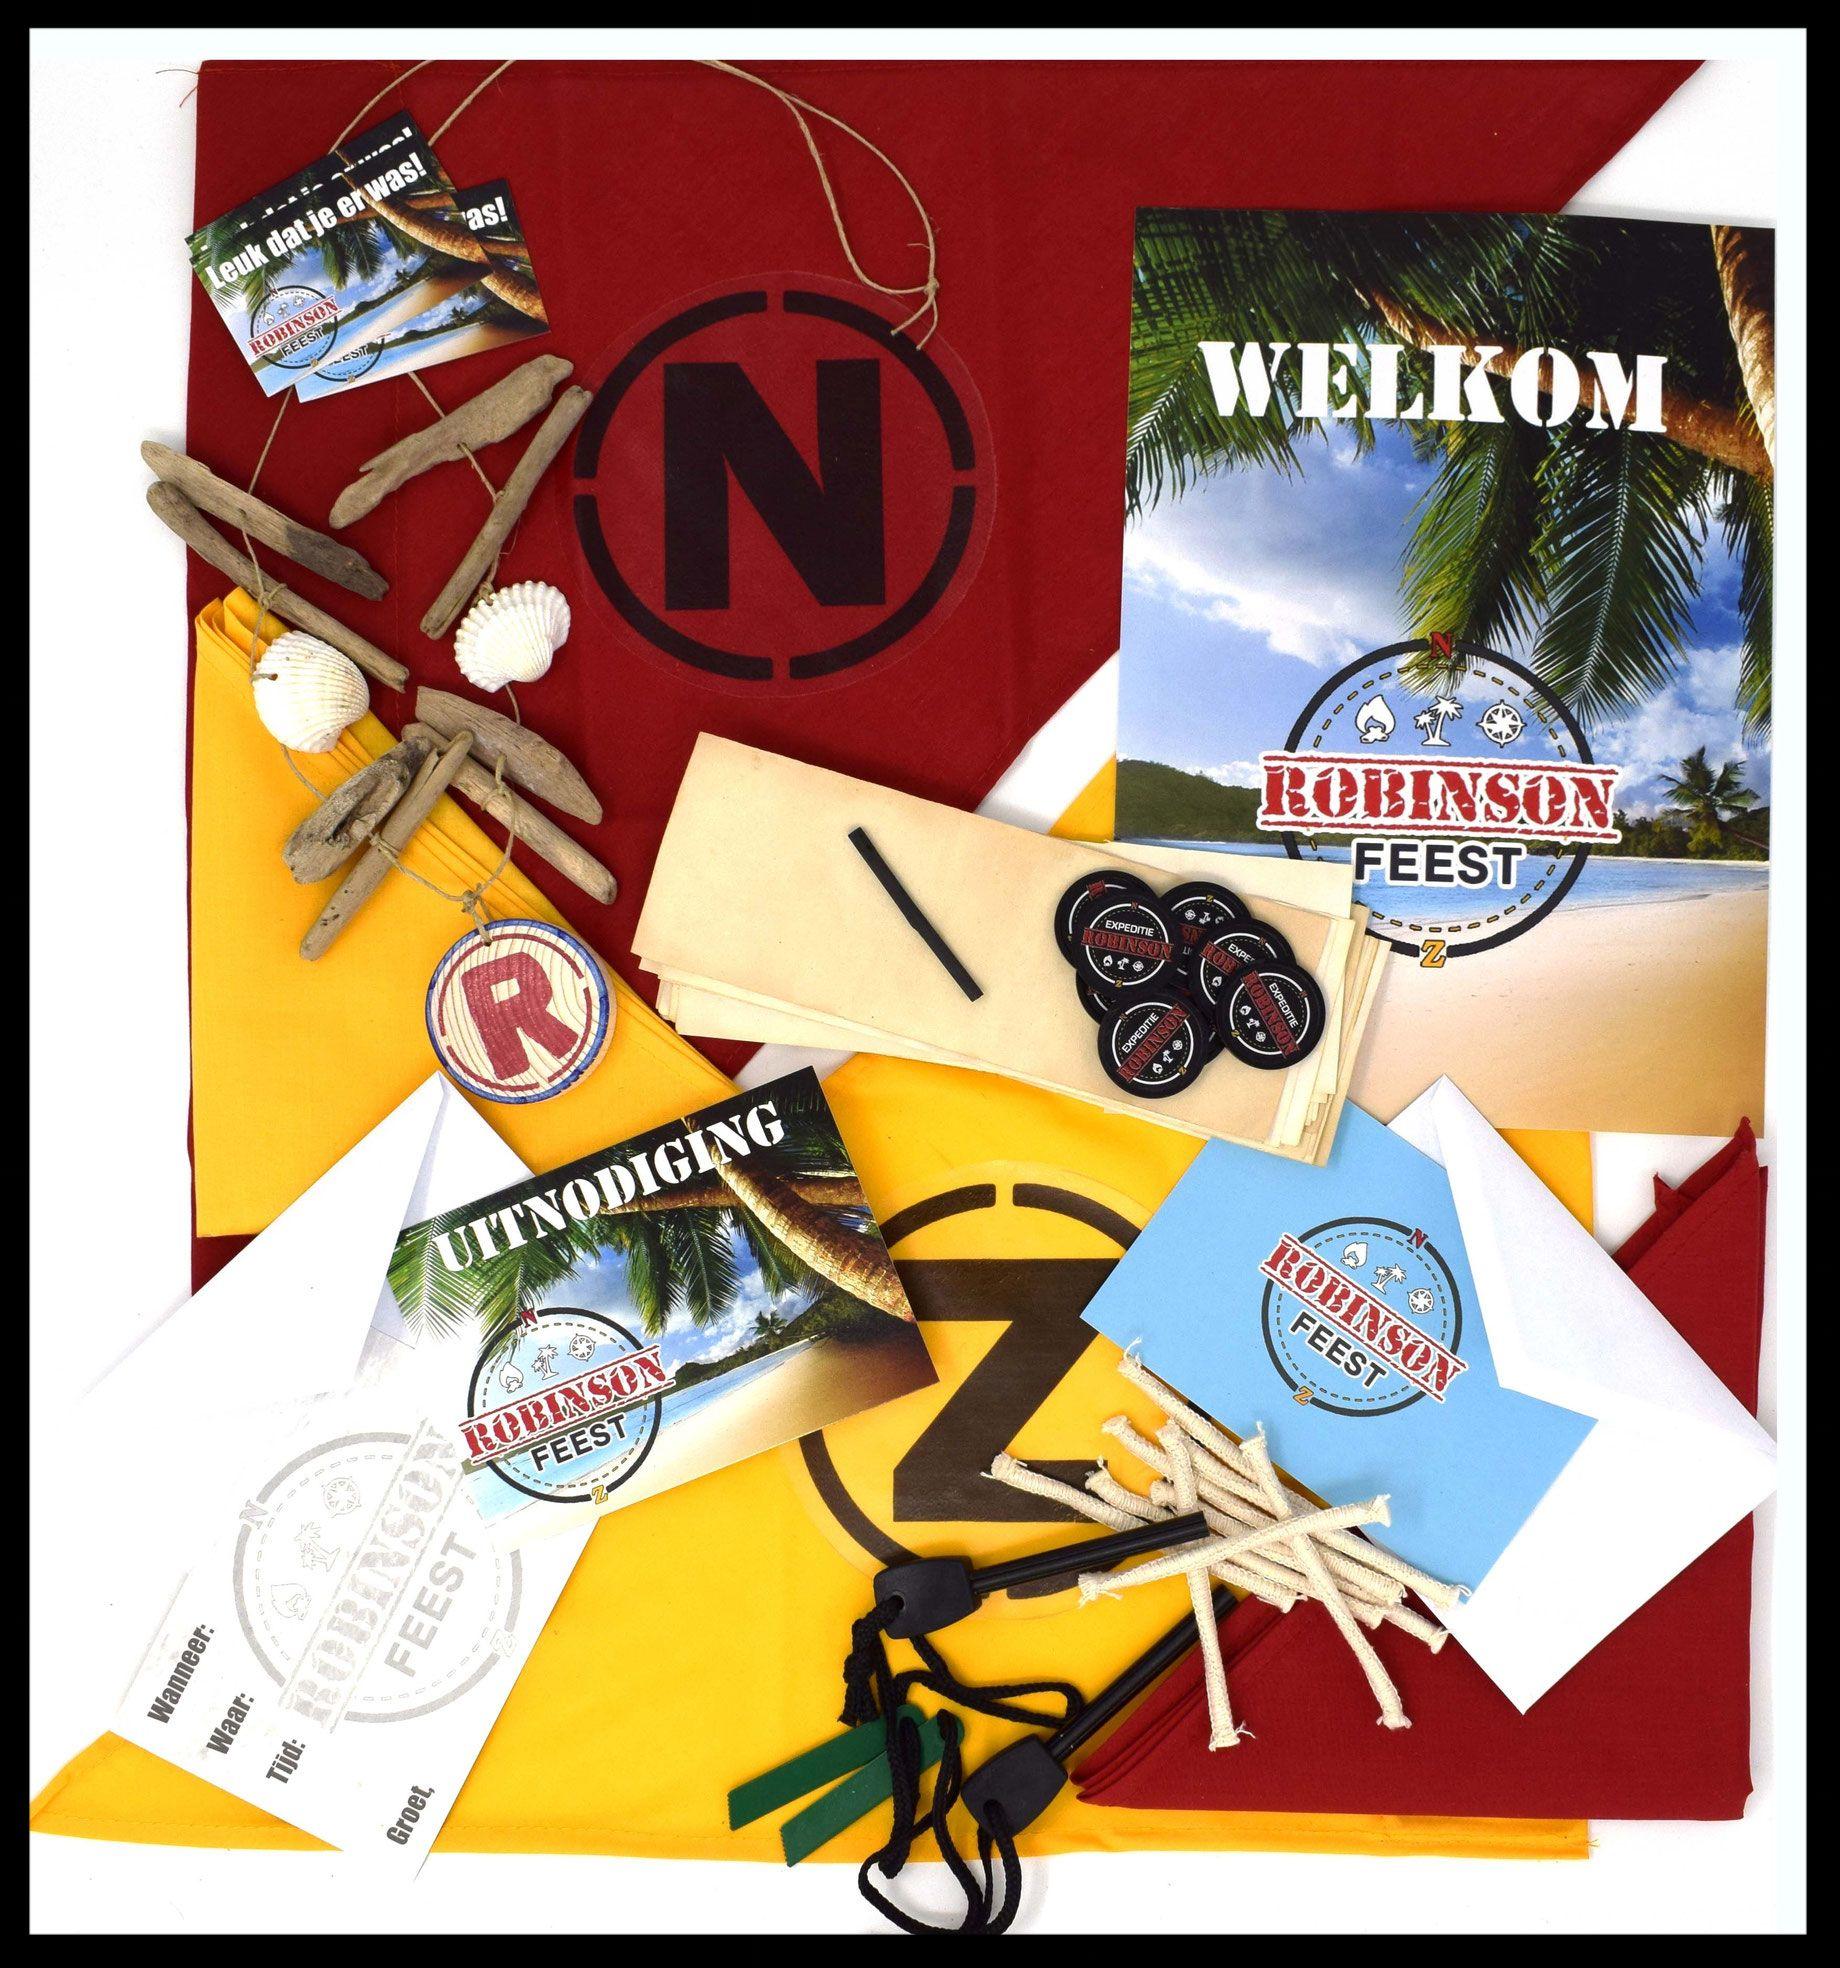 Kinderfeestje met origineel draaiboek en uitnodigingen gebaseerd op het thema Expeditie Robinson. Met spannende survival opdrachten, samensmelting en spannend eindspel.